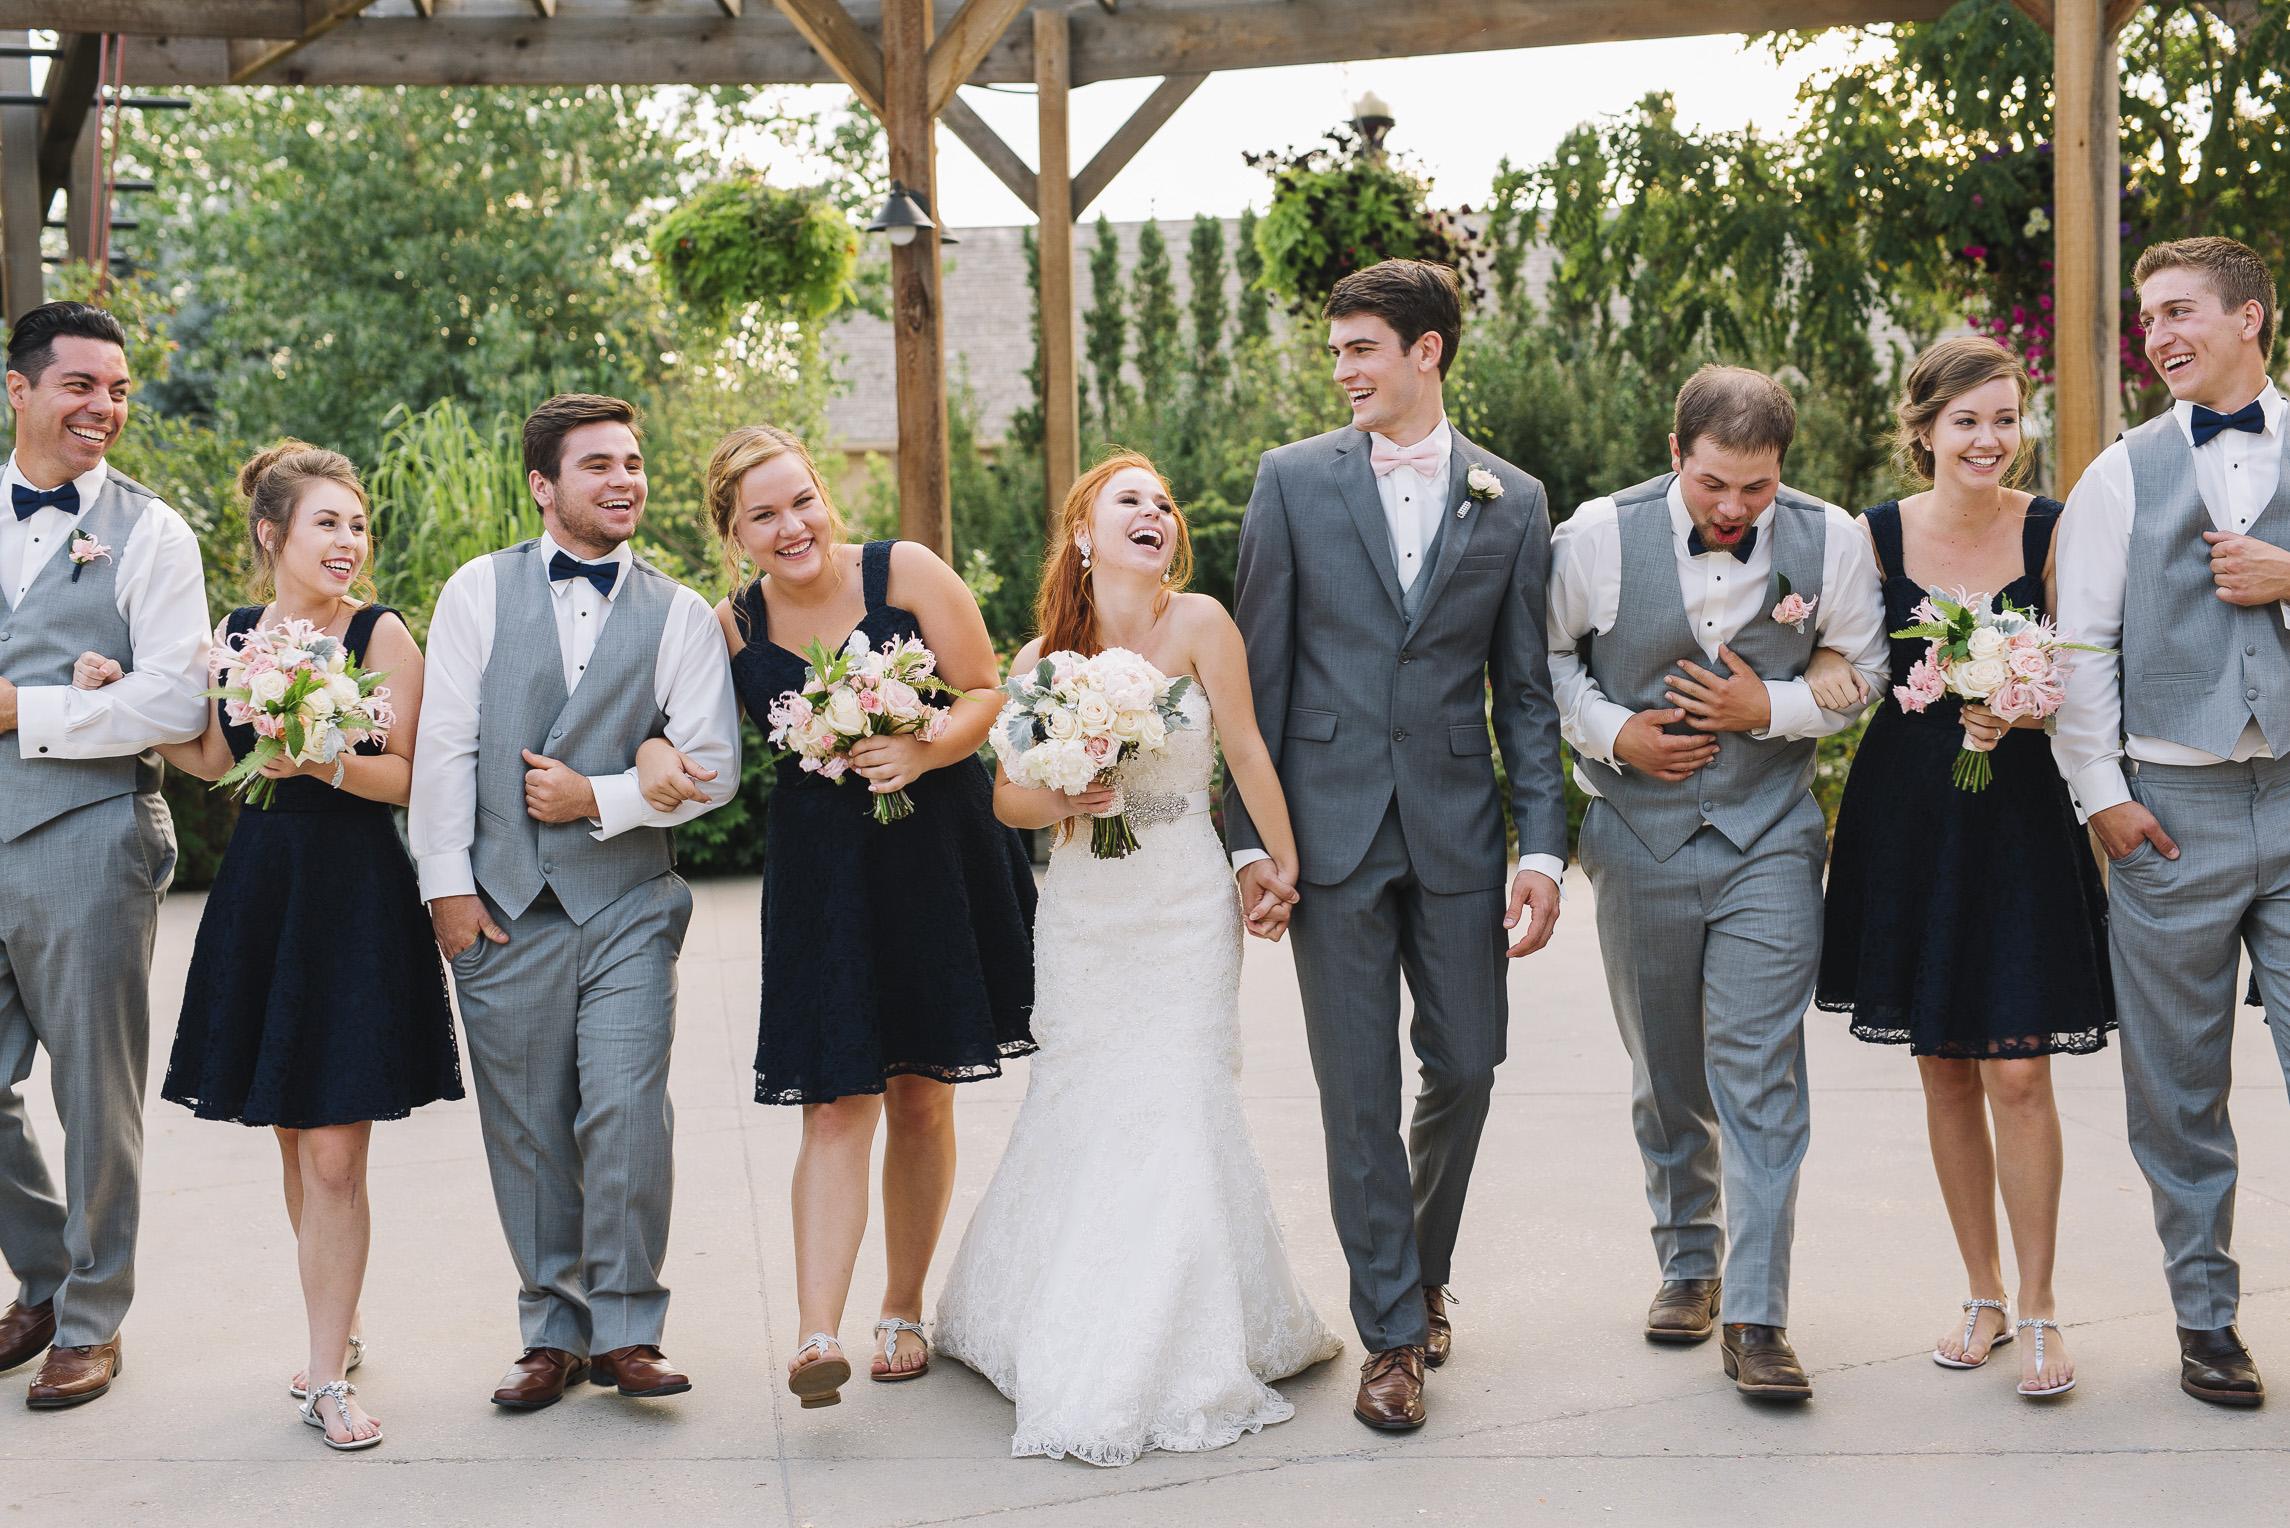 web sized images -- no to print --CALVIN & MCKYLEY WEDDING PHOTOS - COLORADO PHOTOGRAPHER - DEBI RAE PHOTOGRAPHY-3084.jpg